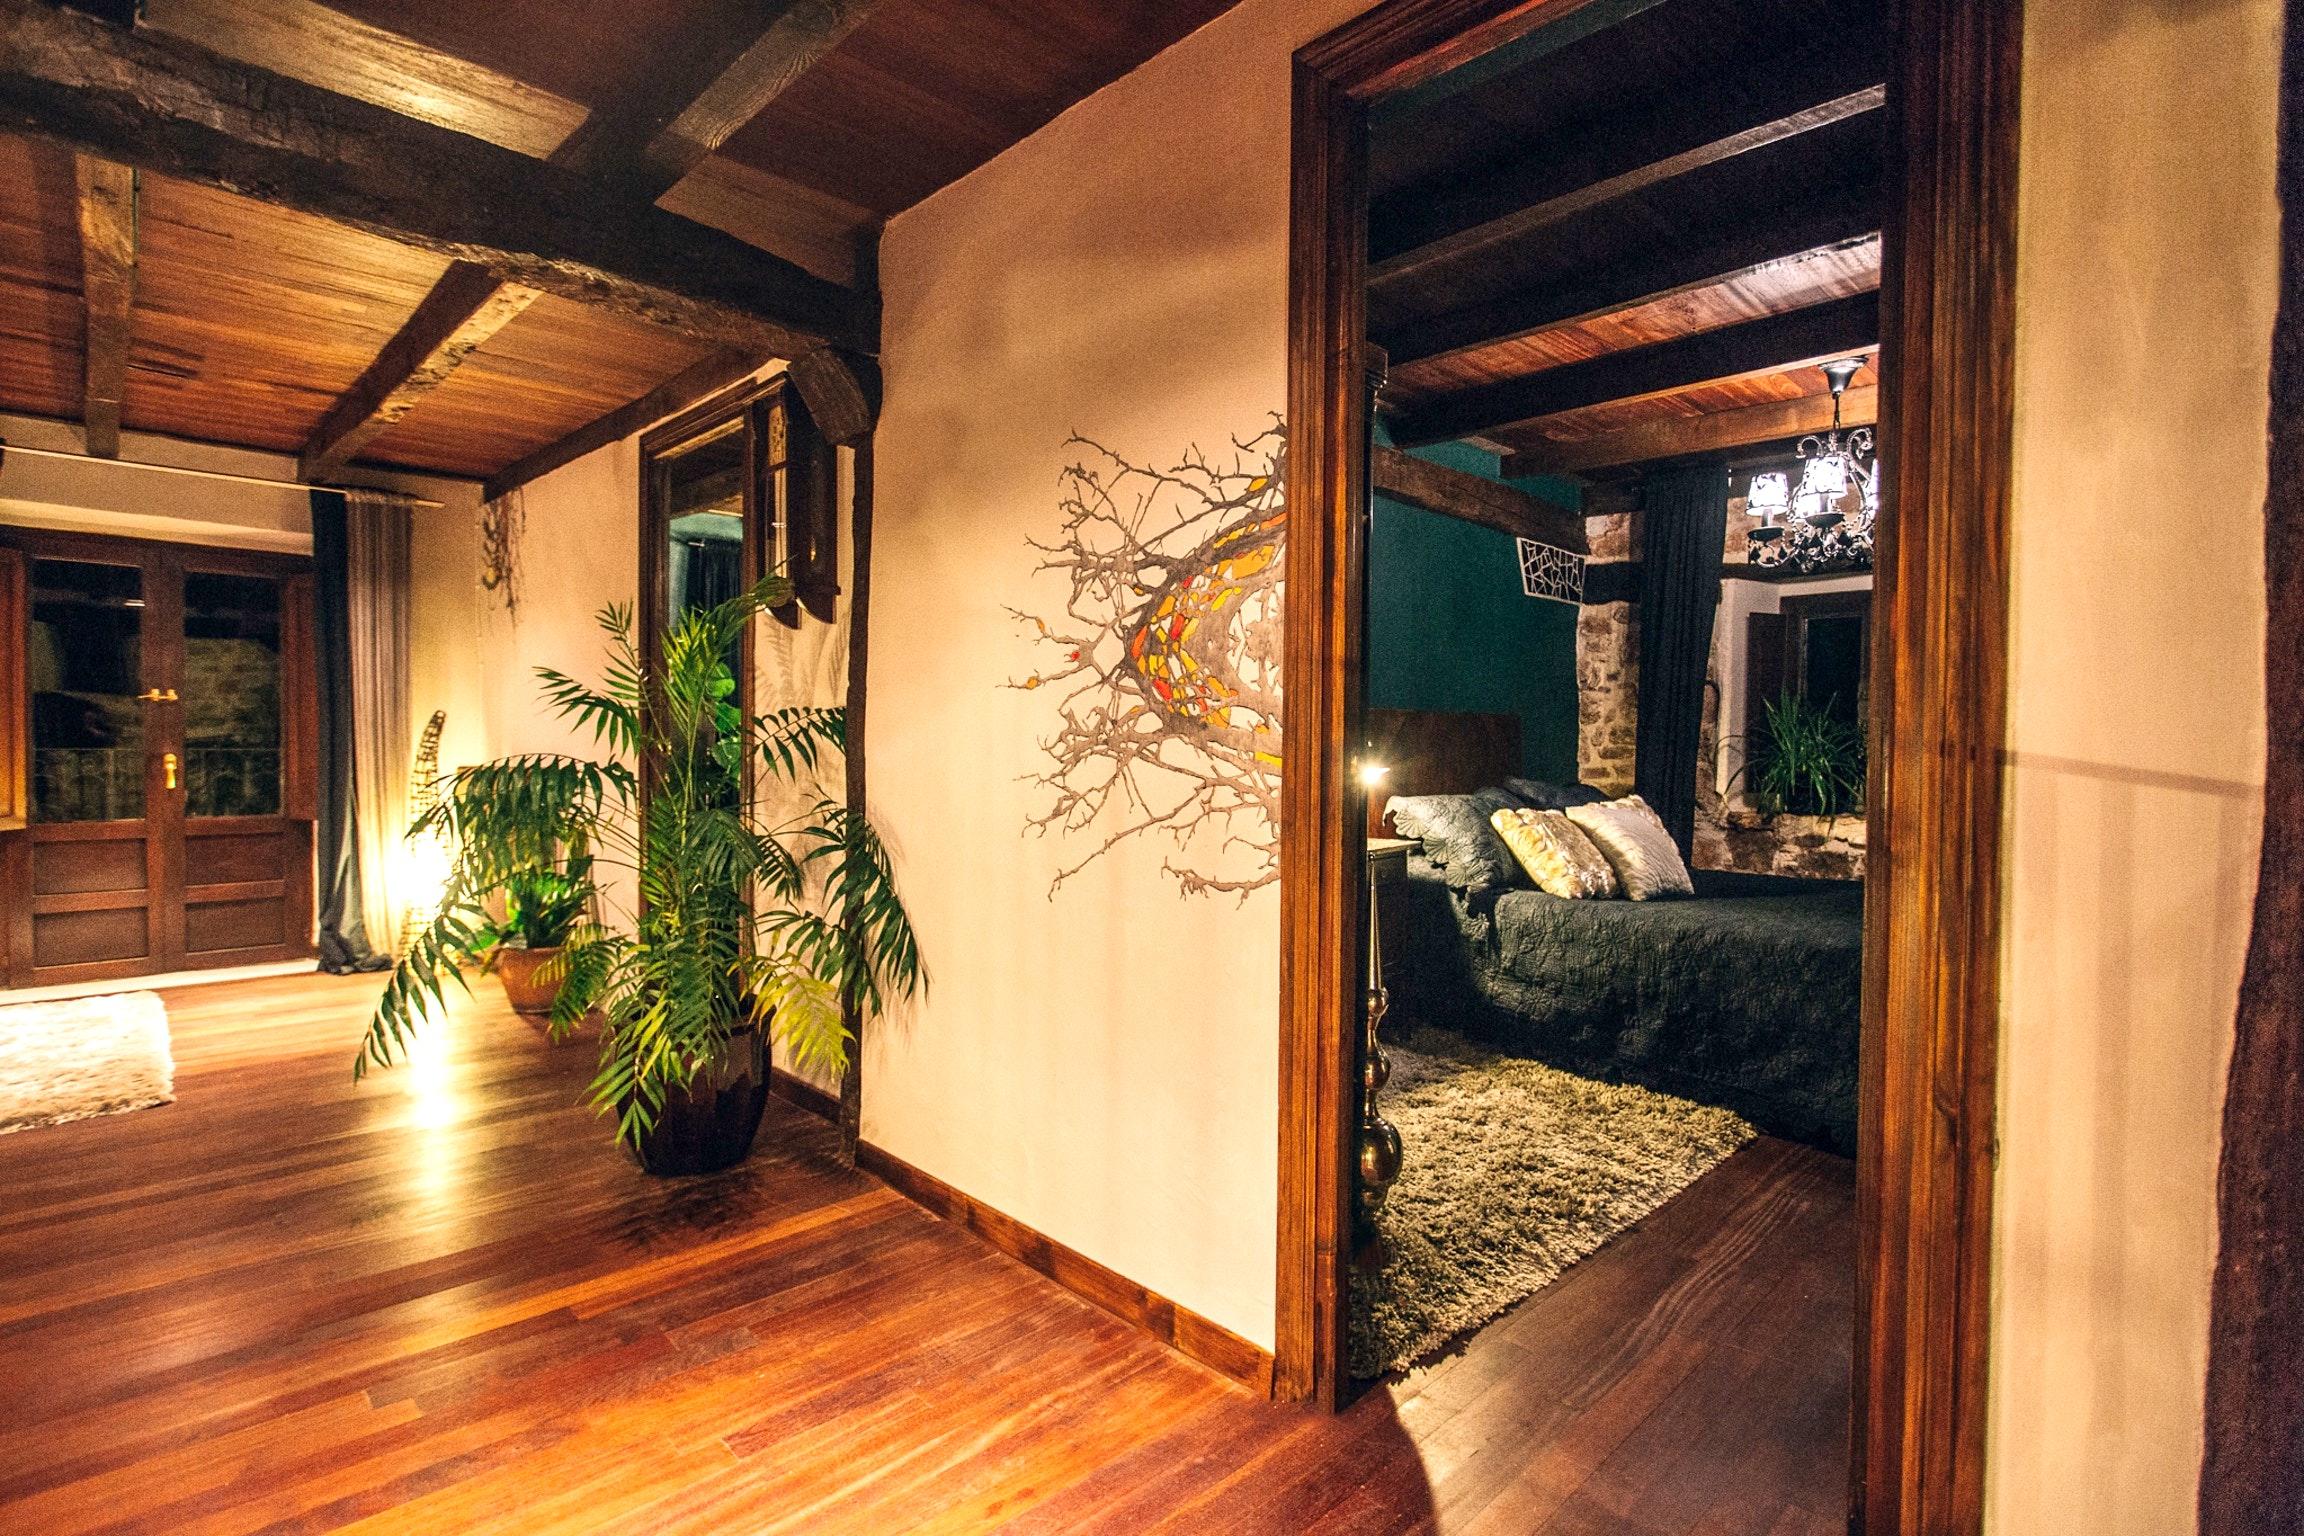 Ferienhaus Haus mit 5 Zimmern in Fuenteodra mit toller Aussicht auf die Berge, eingezäuntem Garten un (2211142), Fuenteodra, Burgos, Kastilien-León, Spanien, Bild 37